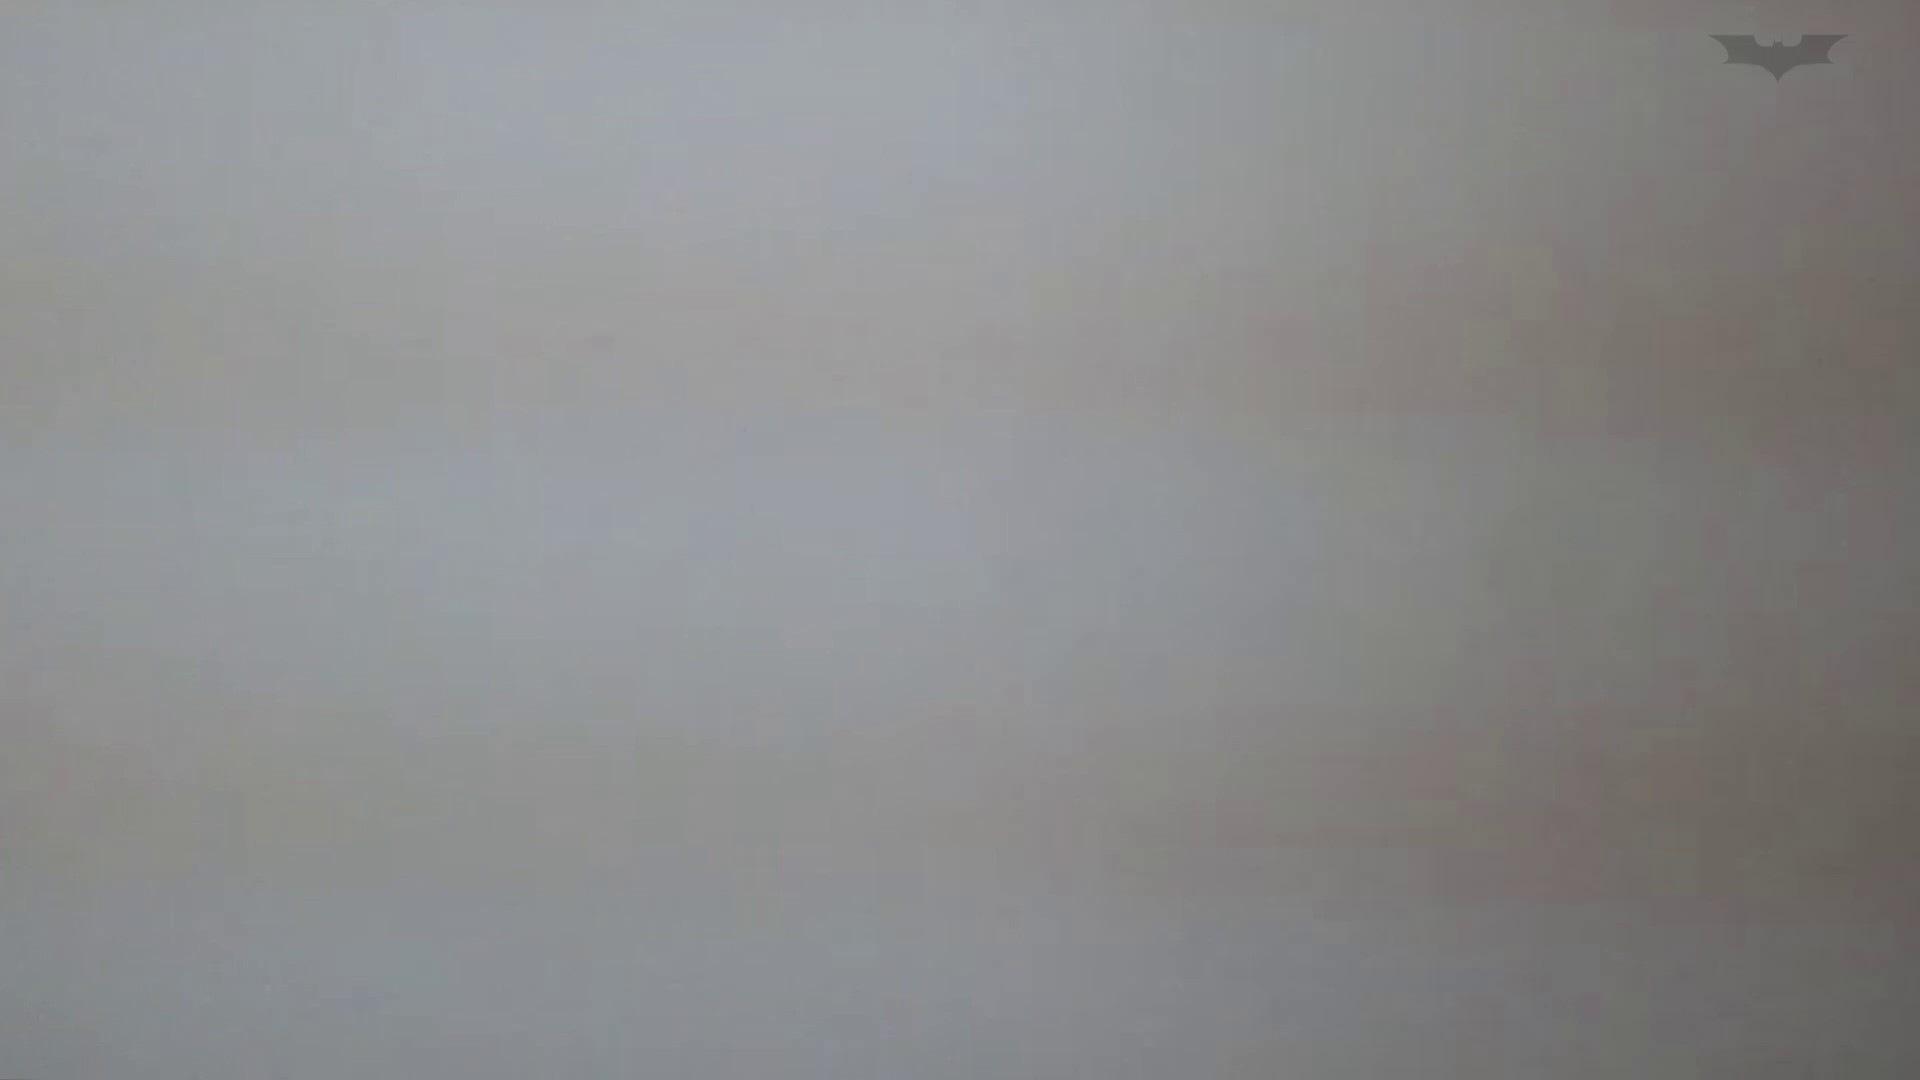 ▲復活限定▲化粧室絵巻 駅舎編 VOL.08 高画質 | ギャル攻め  50画像 21